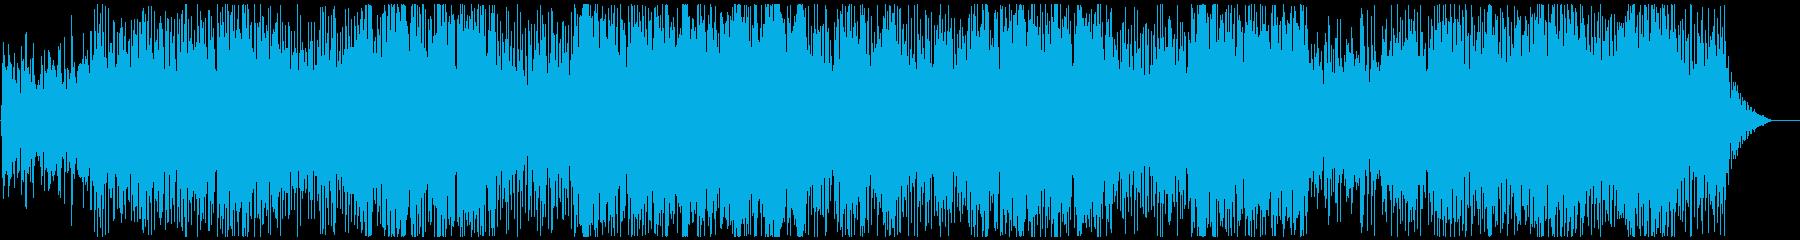 元気になれる高音ボイス軽快なポップスの再生済みの波形